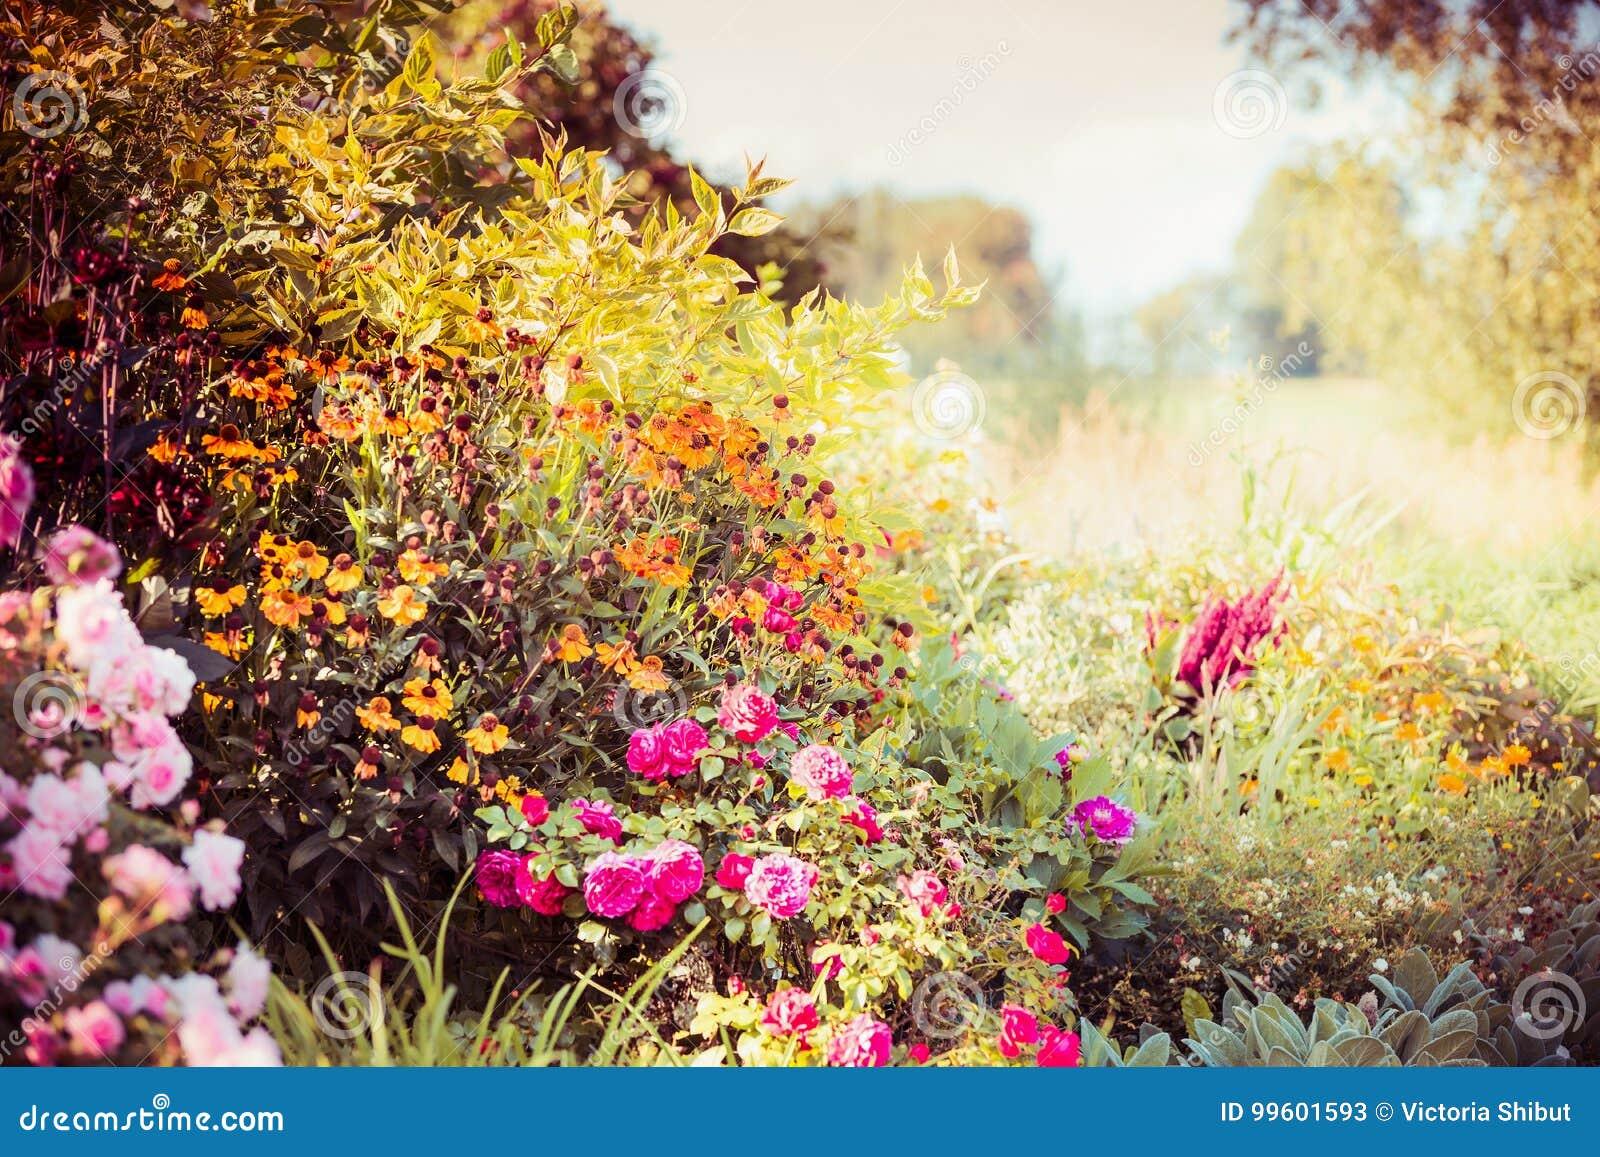 Fond De Jardin D\'automne Avec De Diverses Fleurs De Chute Image ...